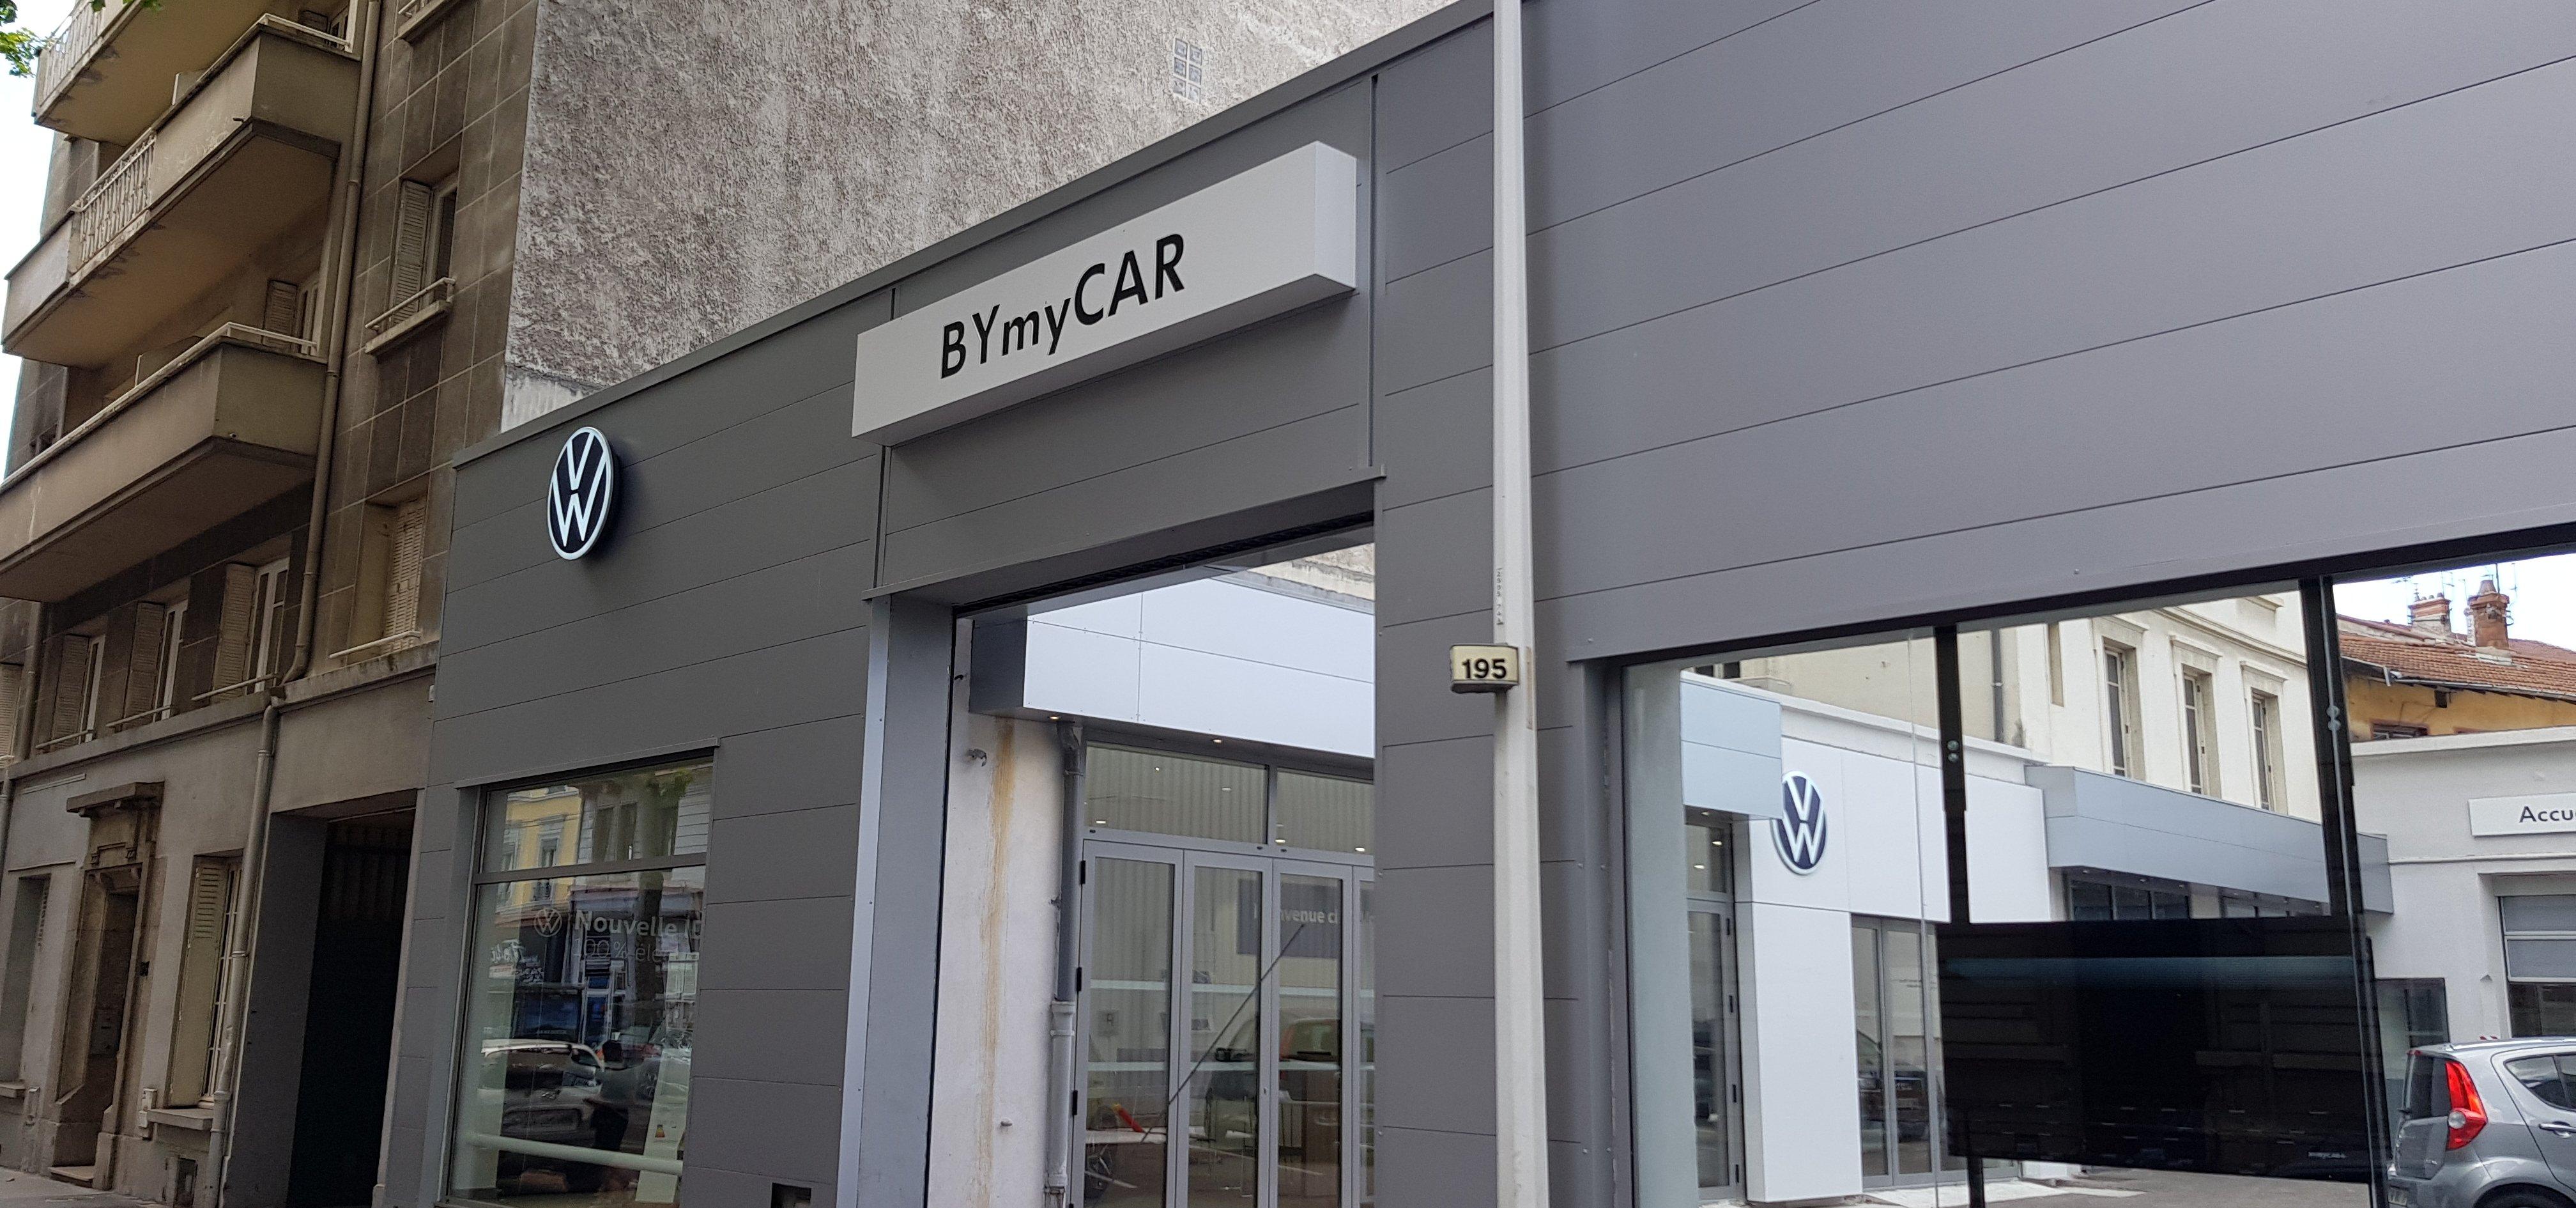 AUDI Service BYmyCAR Lyon 3